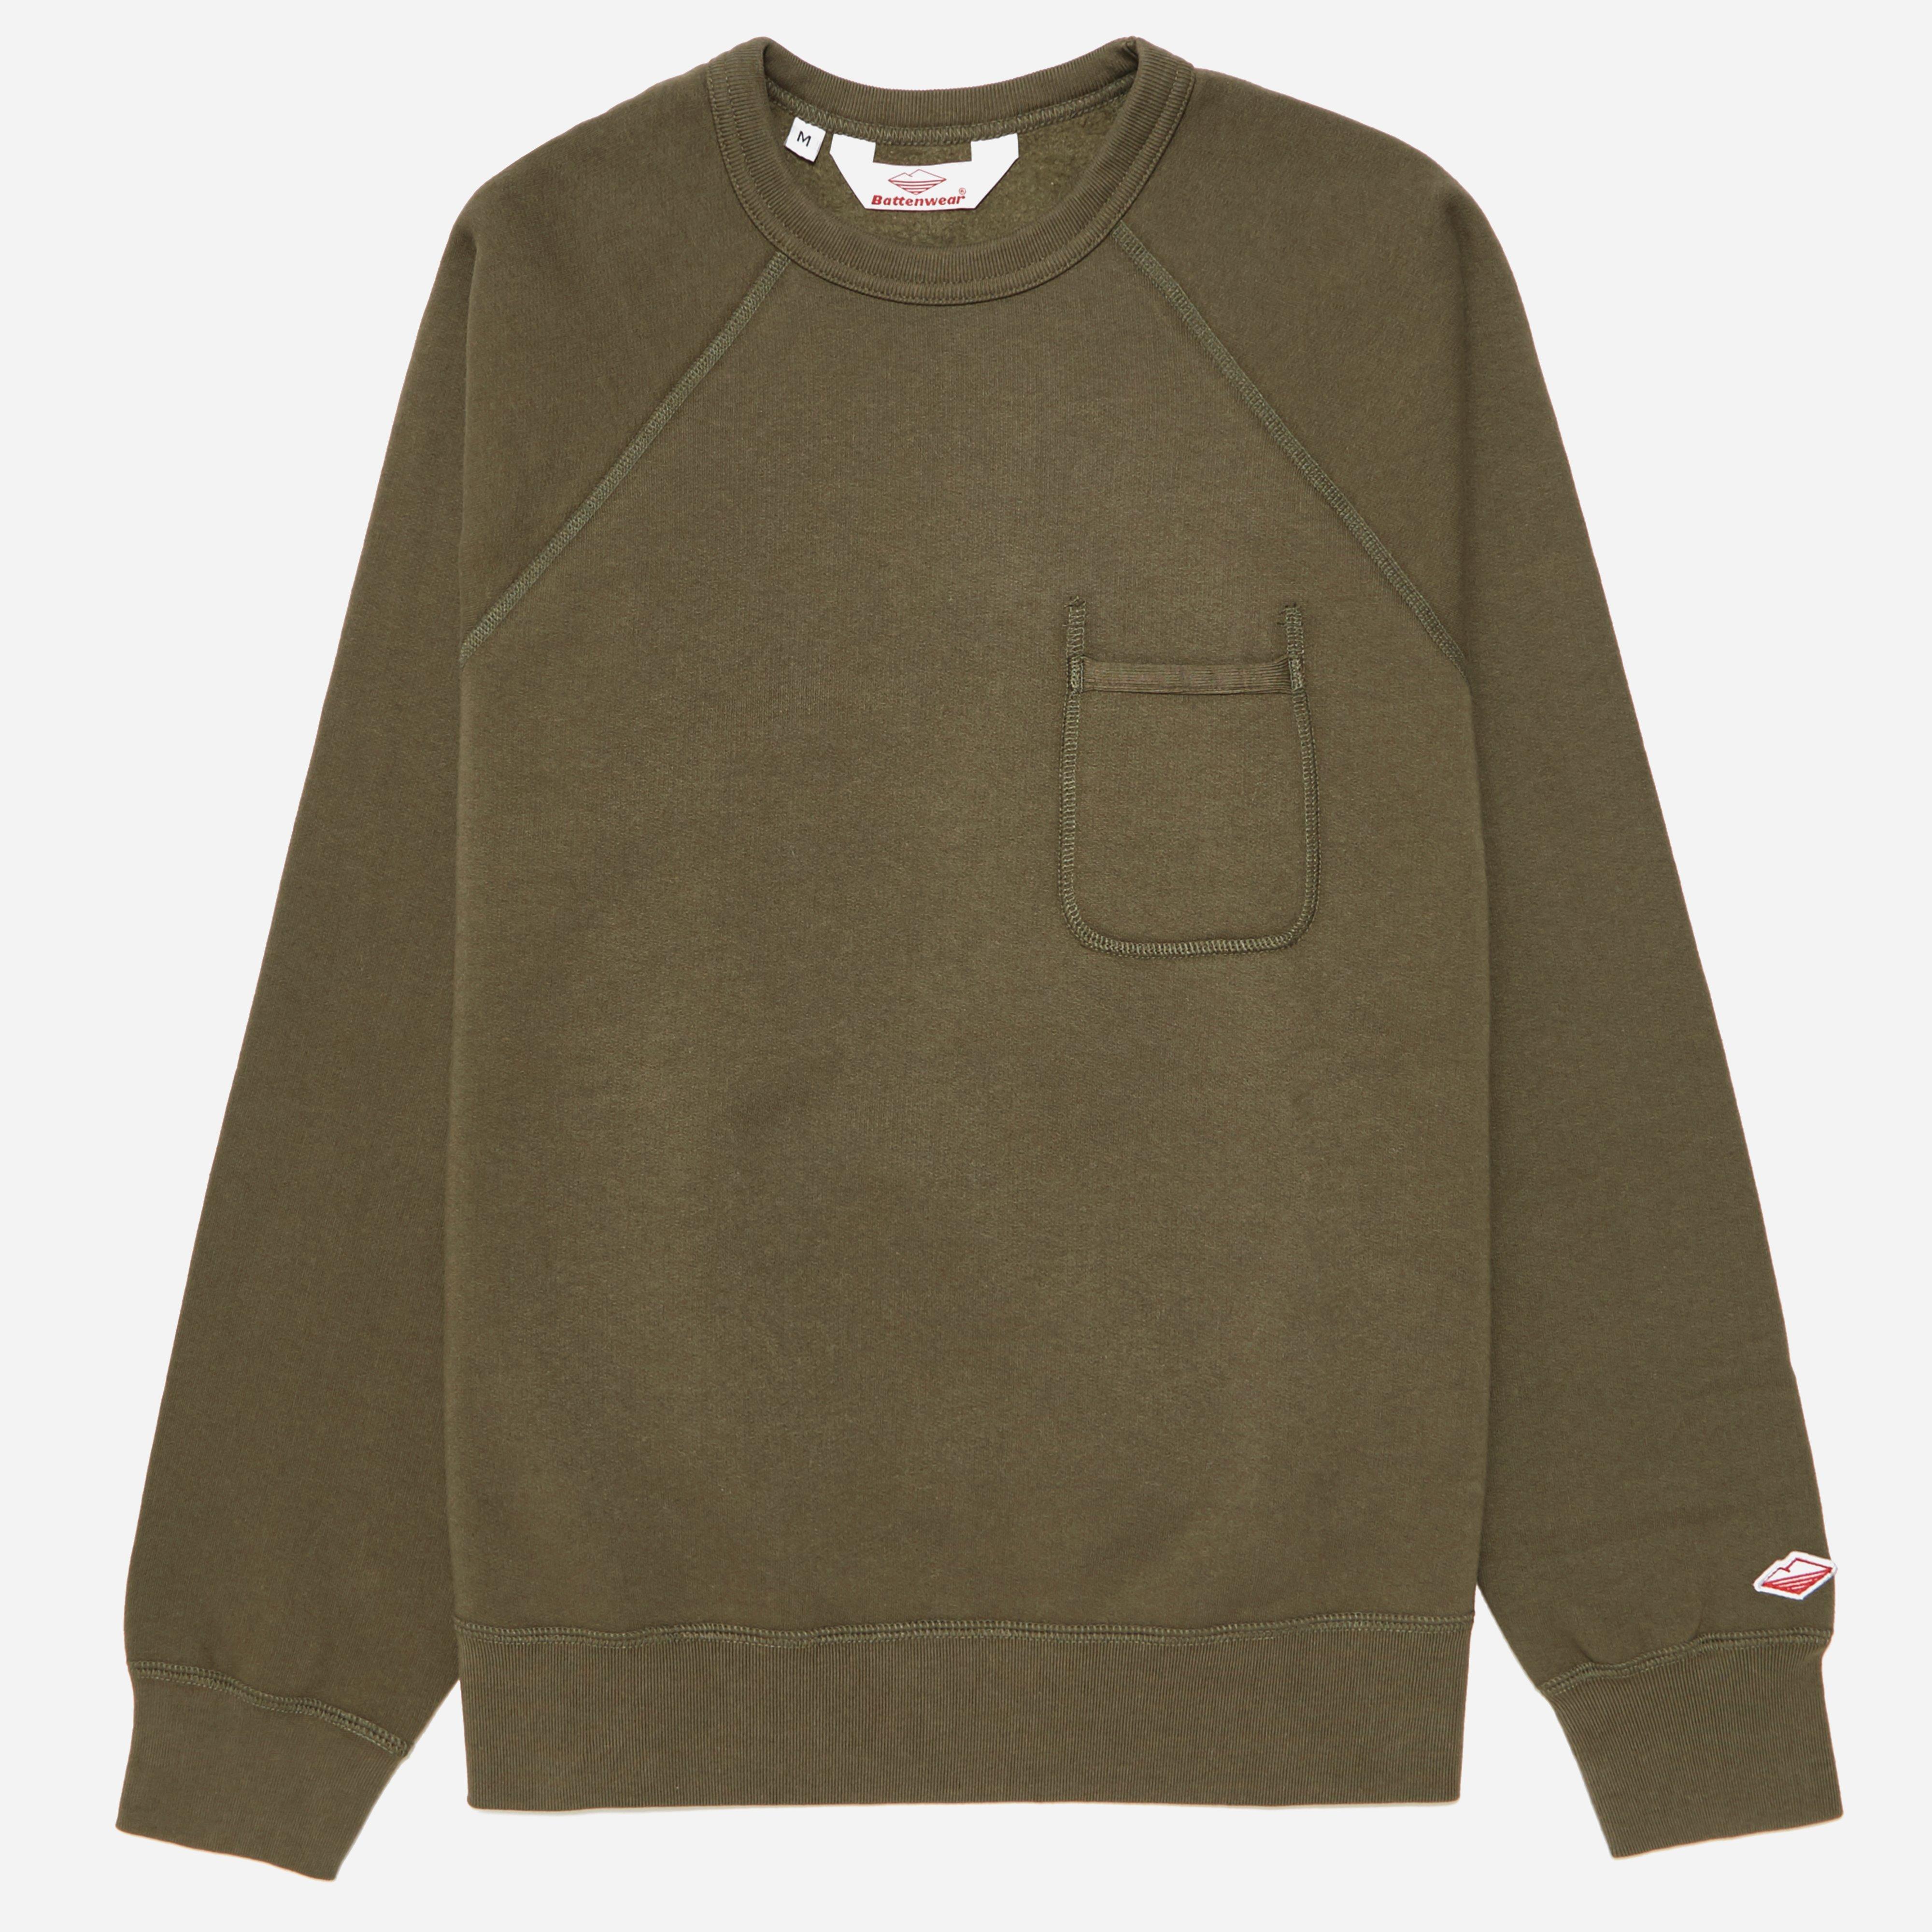 Battenwear Reach Up Sweatshirt